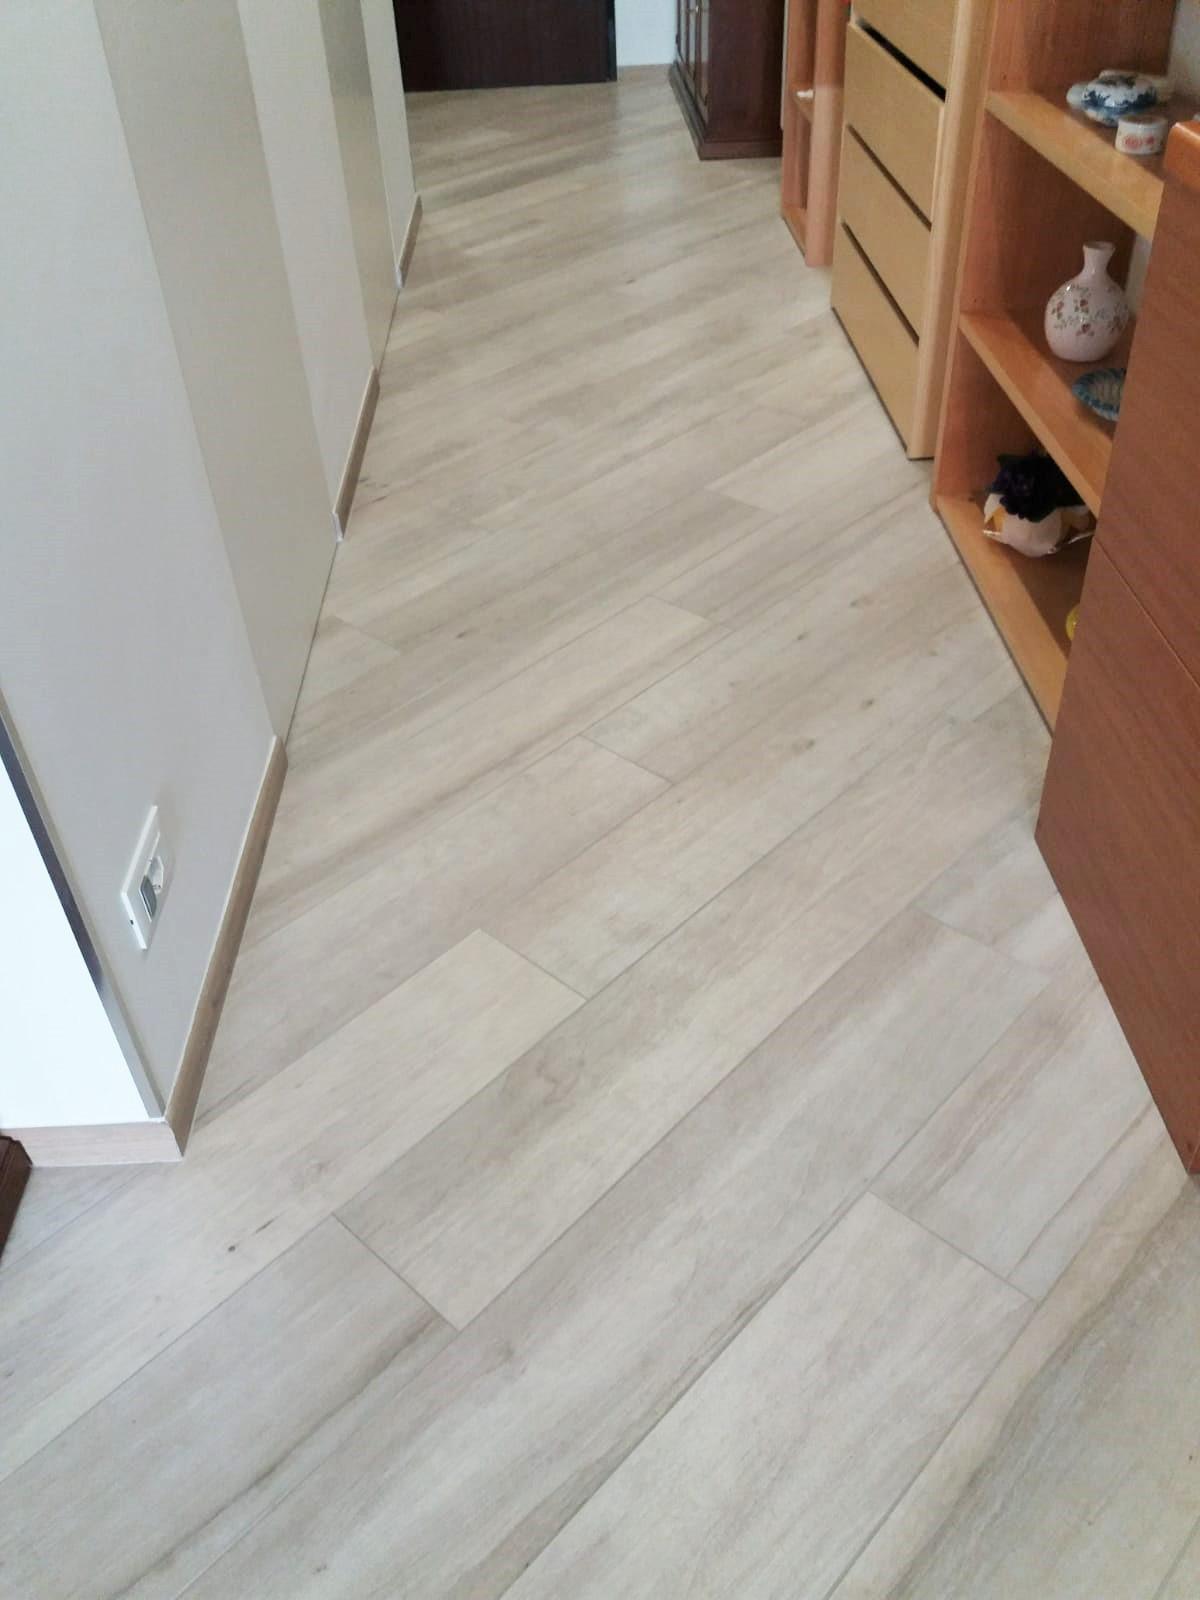 marazzi-piastrelle-progetto-centro dell'arredamento-savona-casa